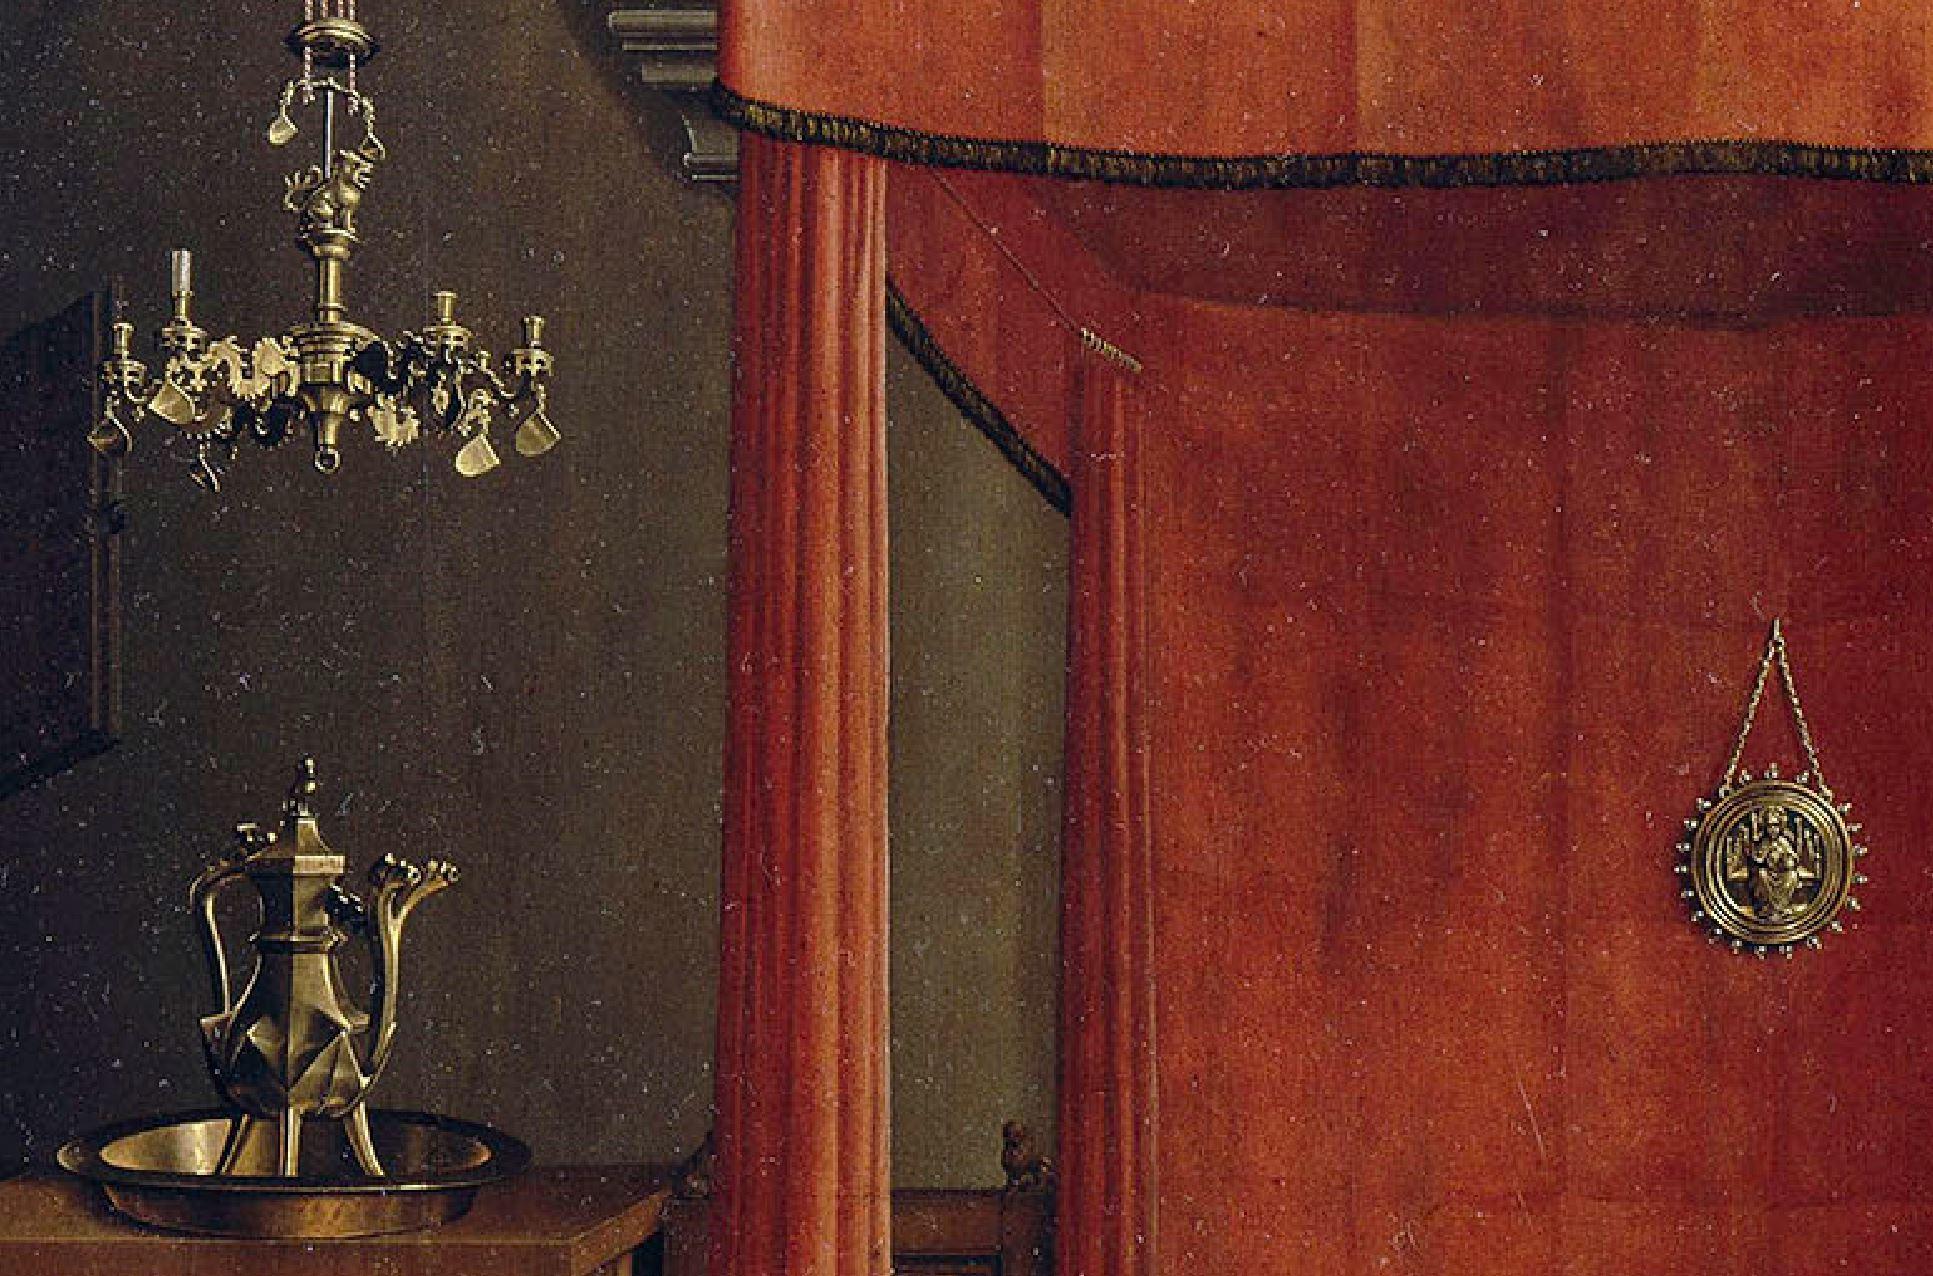 van der weyden 1434 ca annonciation Louvre objets